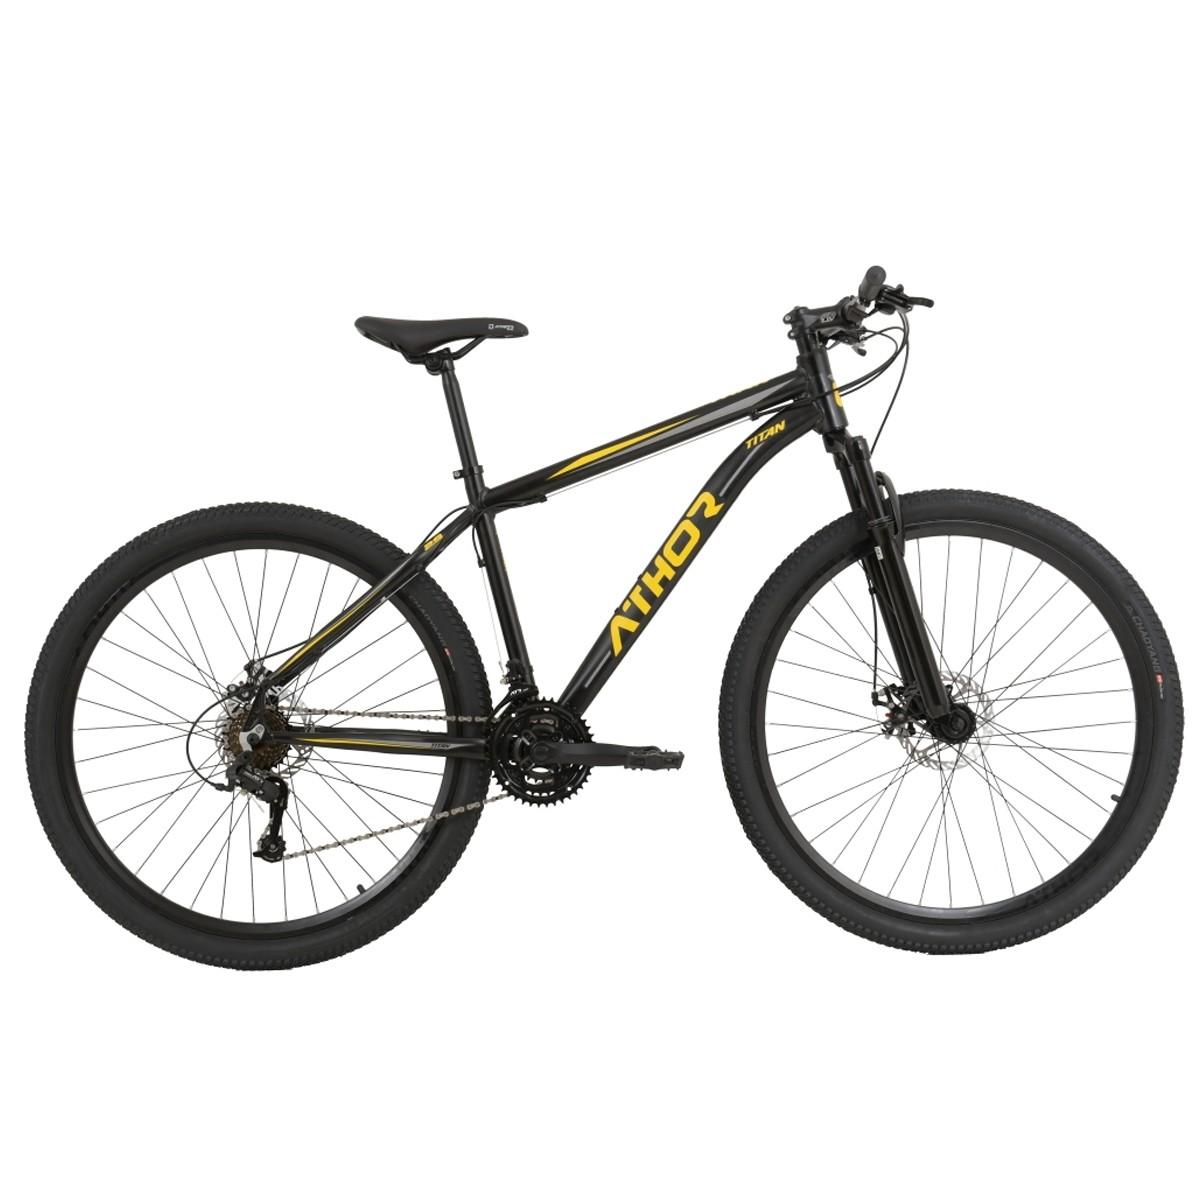 Bicicleta Athor Titan Mtb Aro 29 Atr 21v Preto Amarelo